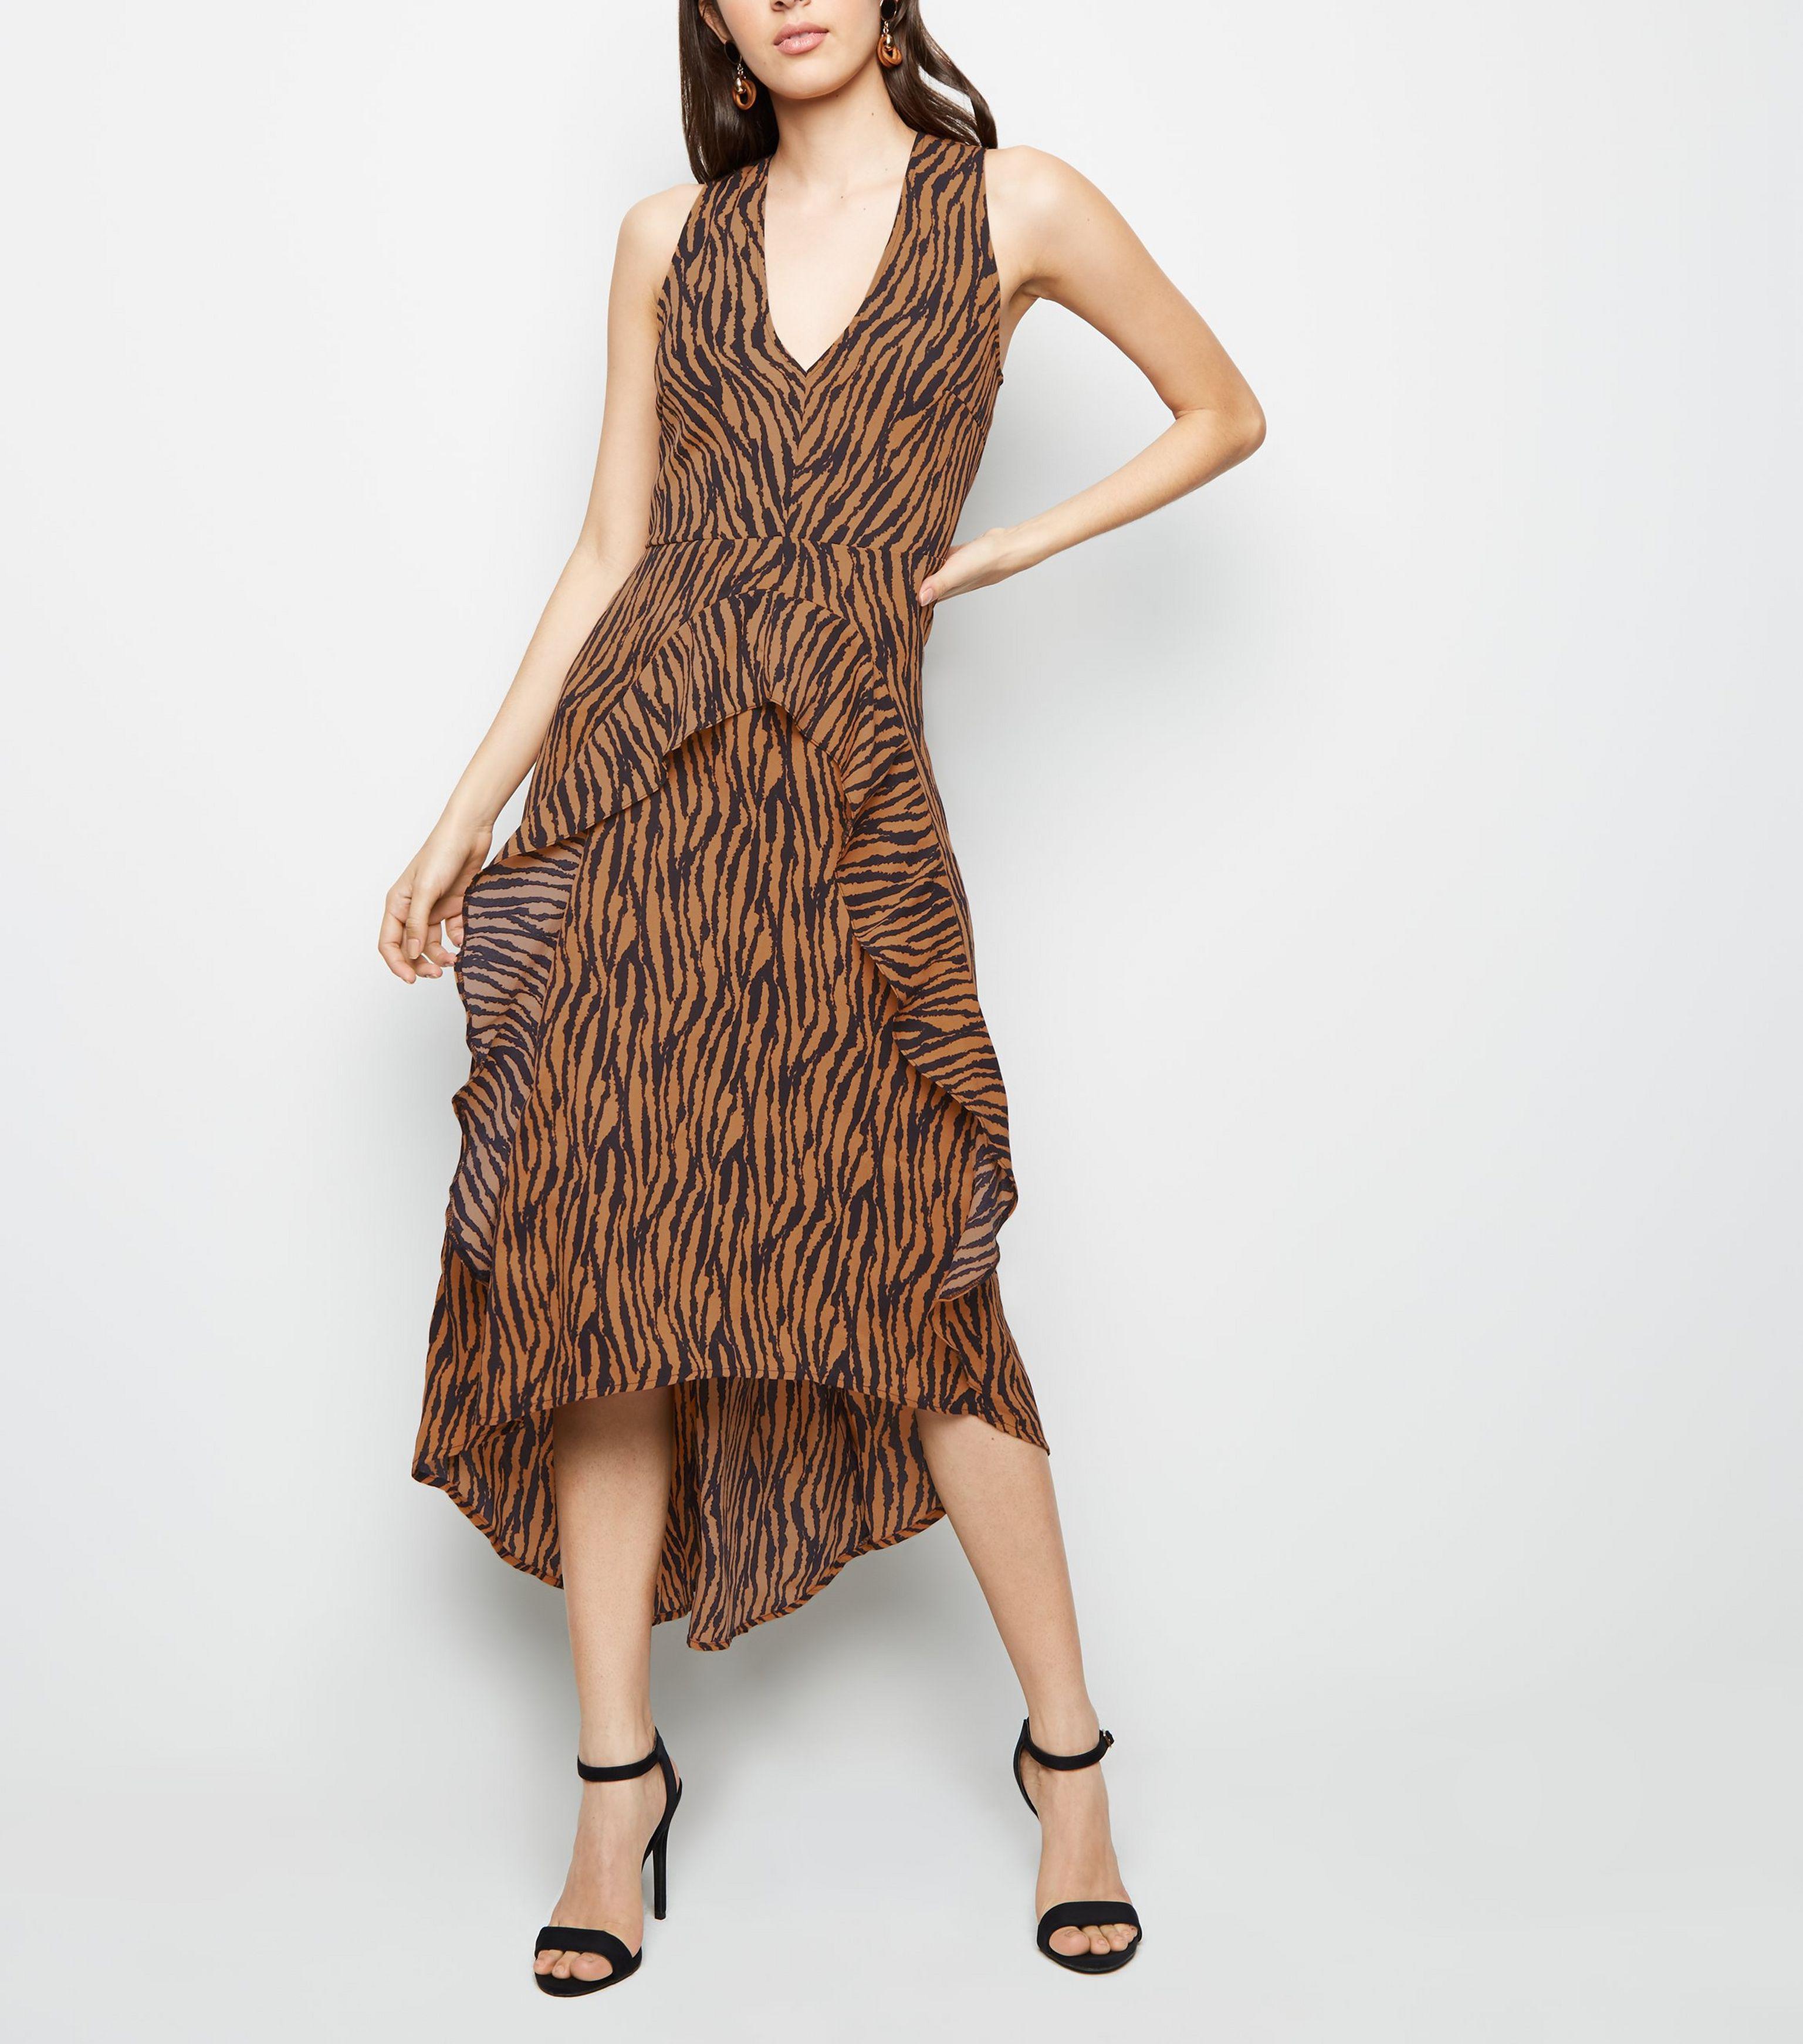 AX Paris. Women s Brown Tiger Print Dip Hem Midi Dress. £40 From New Look 60c6478d1